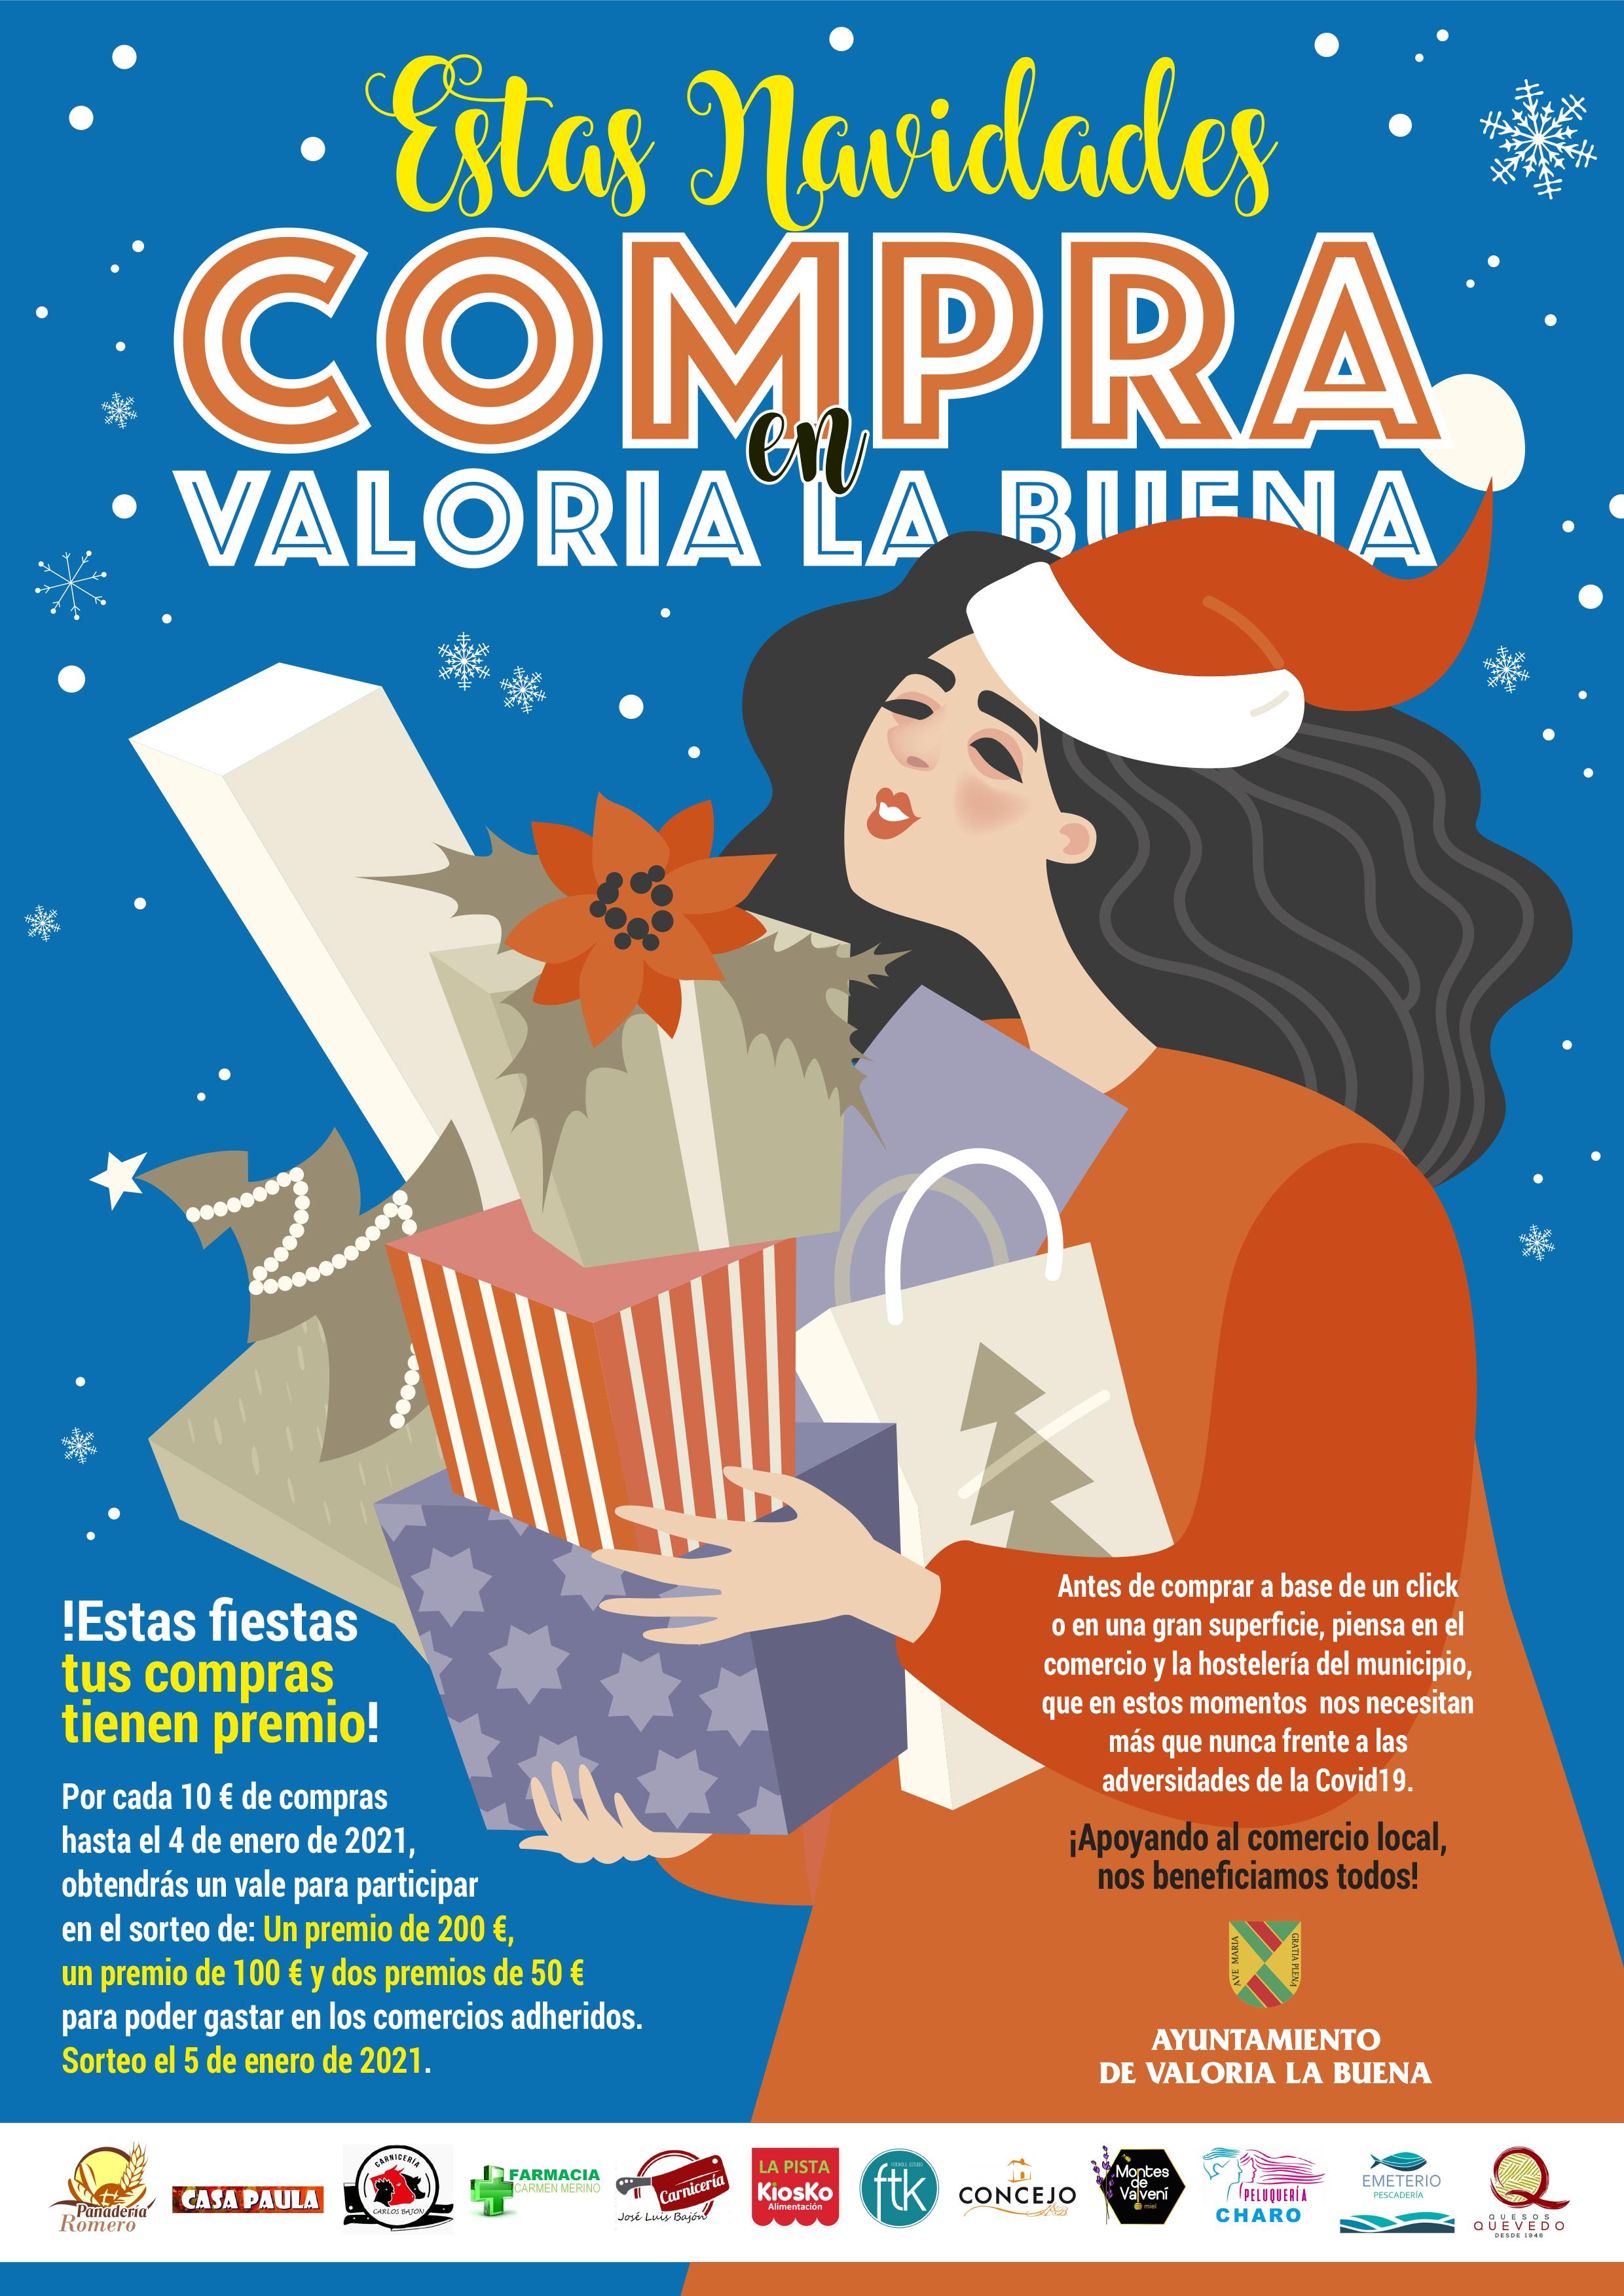 CAMPAÑA DE NAVIDAD DE APOYO AL COMERCIO LOCAL: COMPRA EN VALORIA LA BUENA